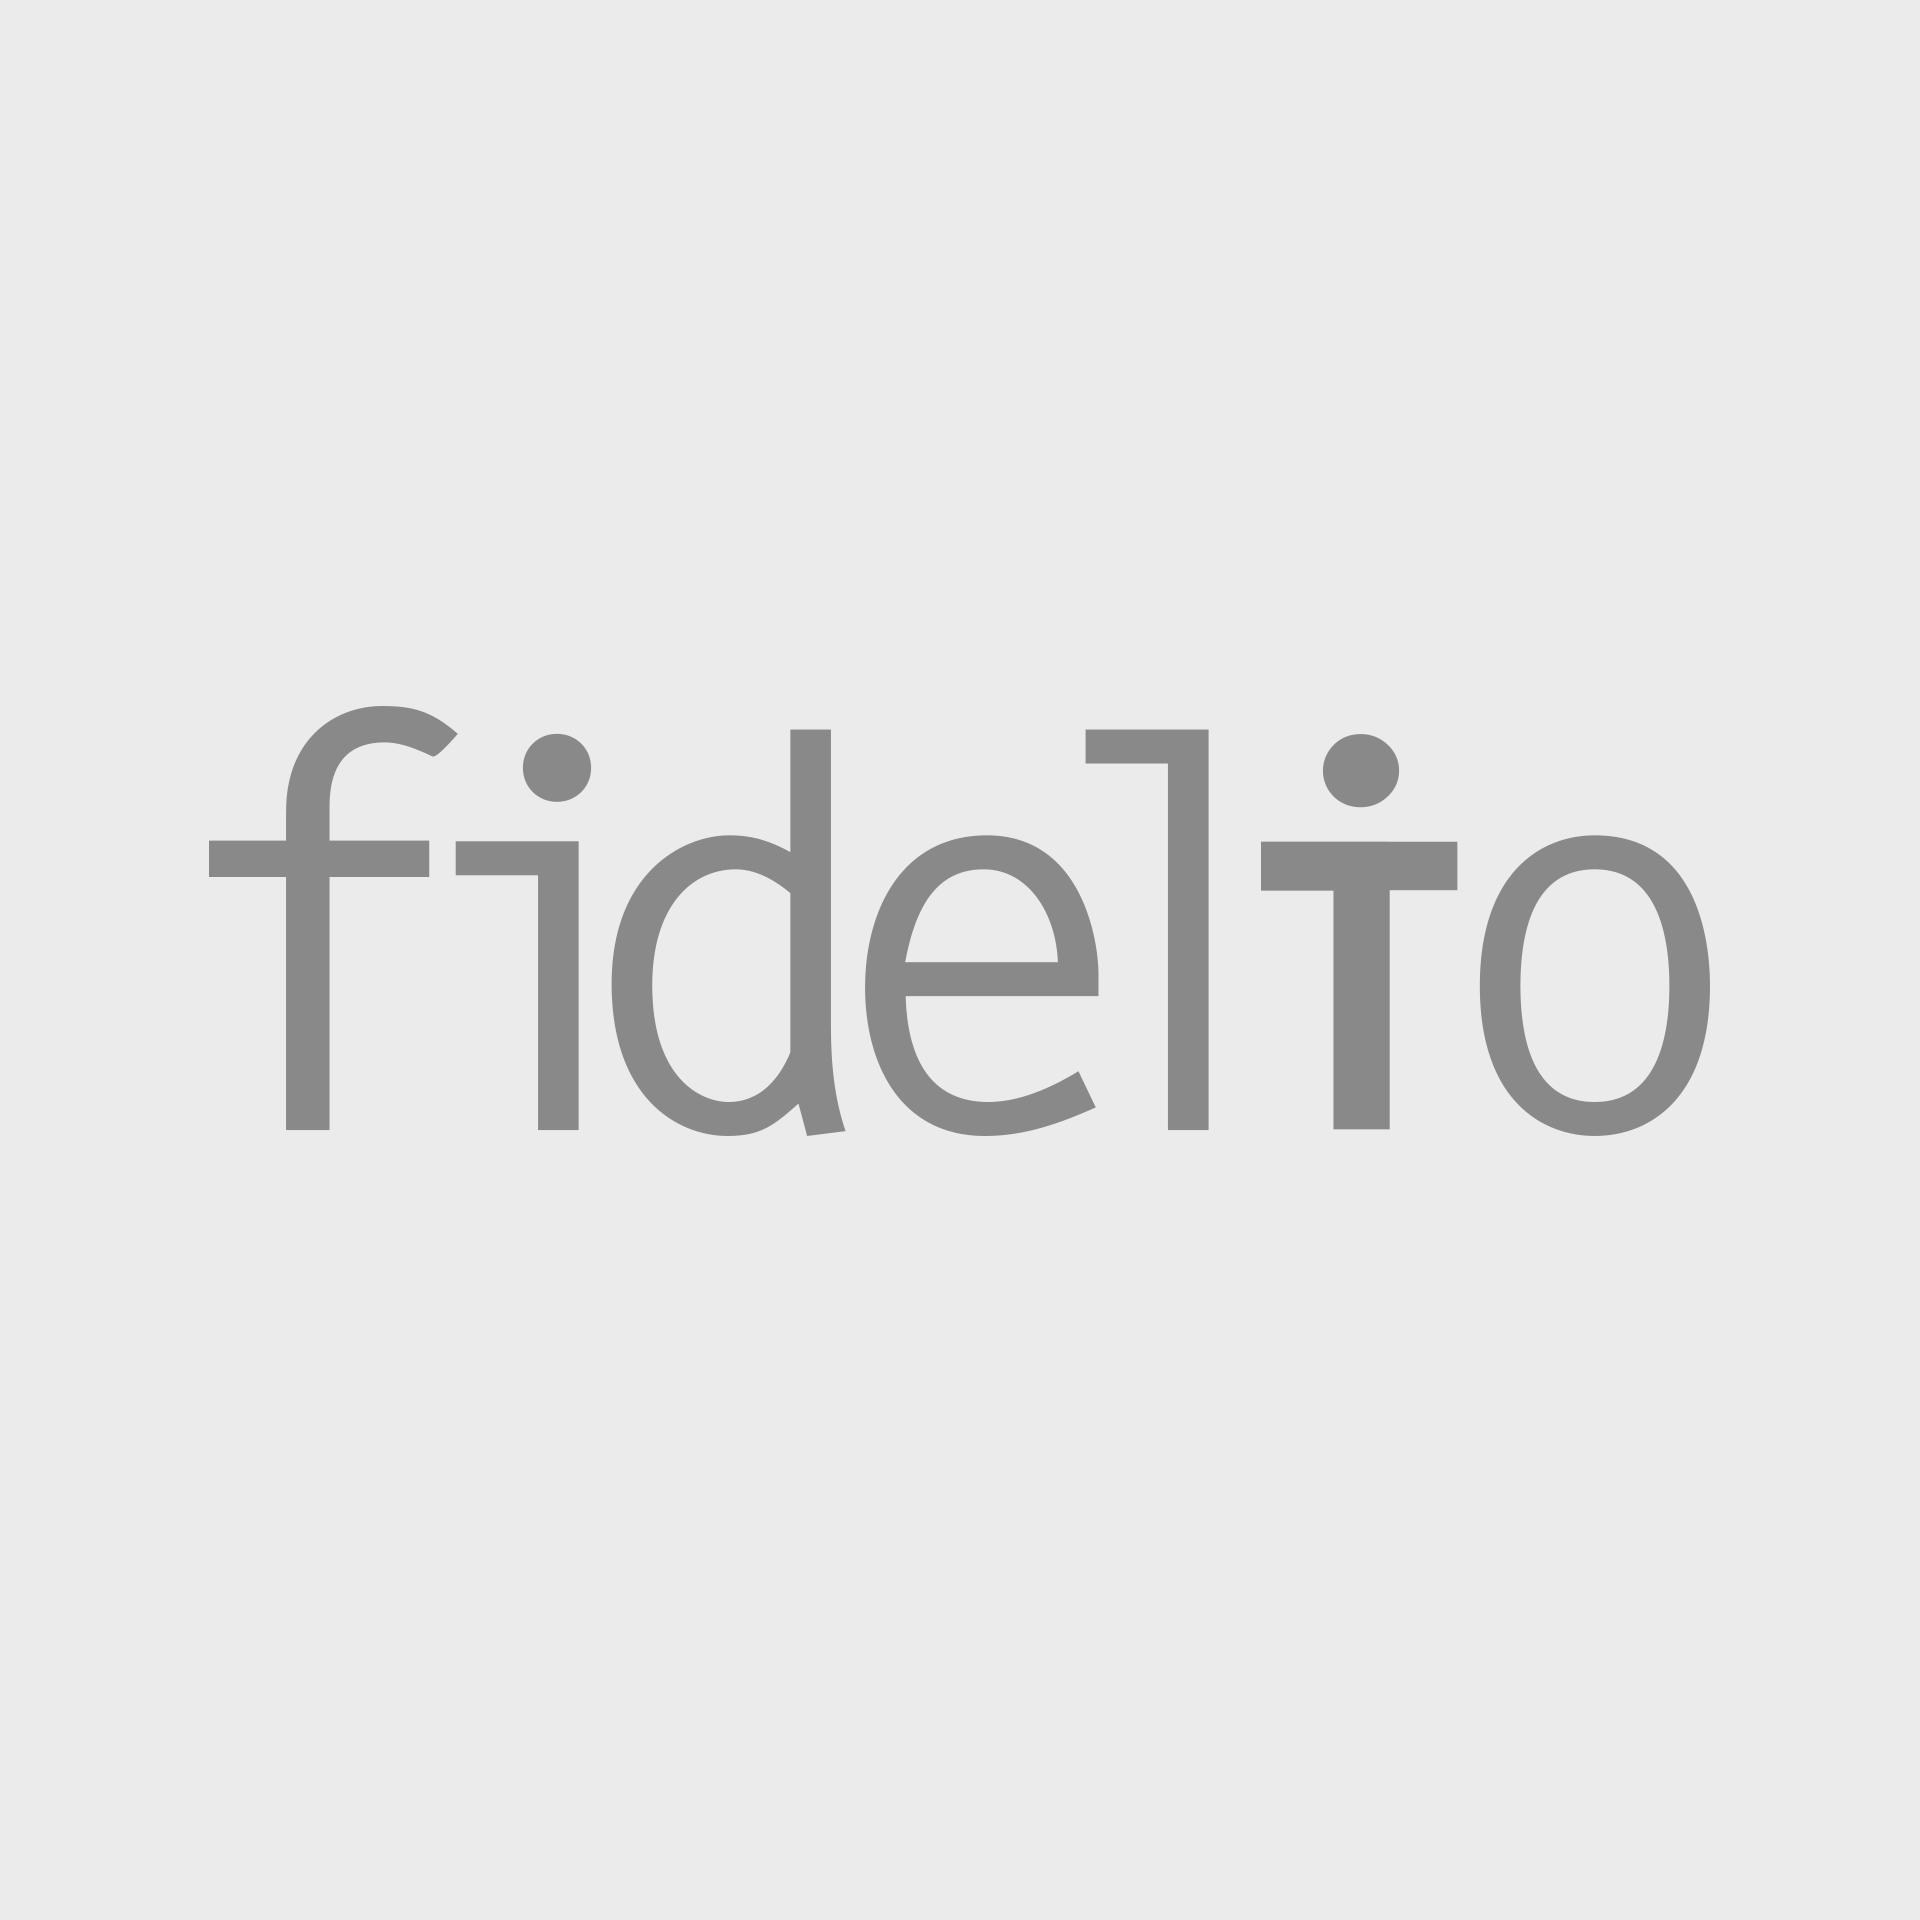 fischer_annie-144333.jpg